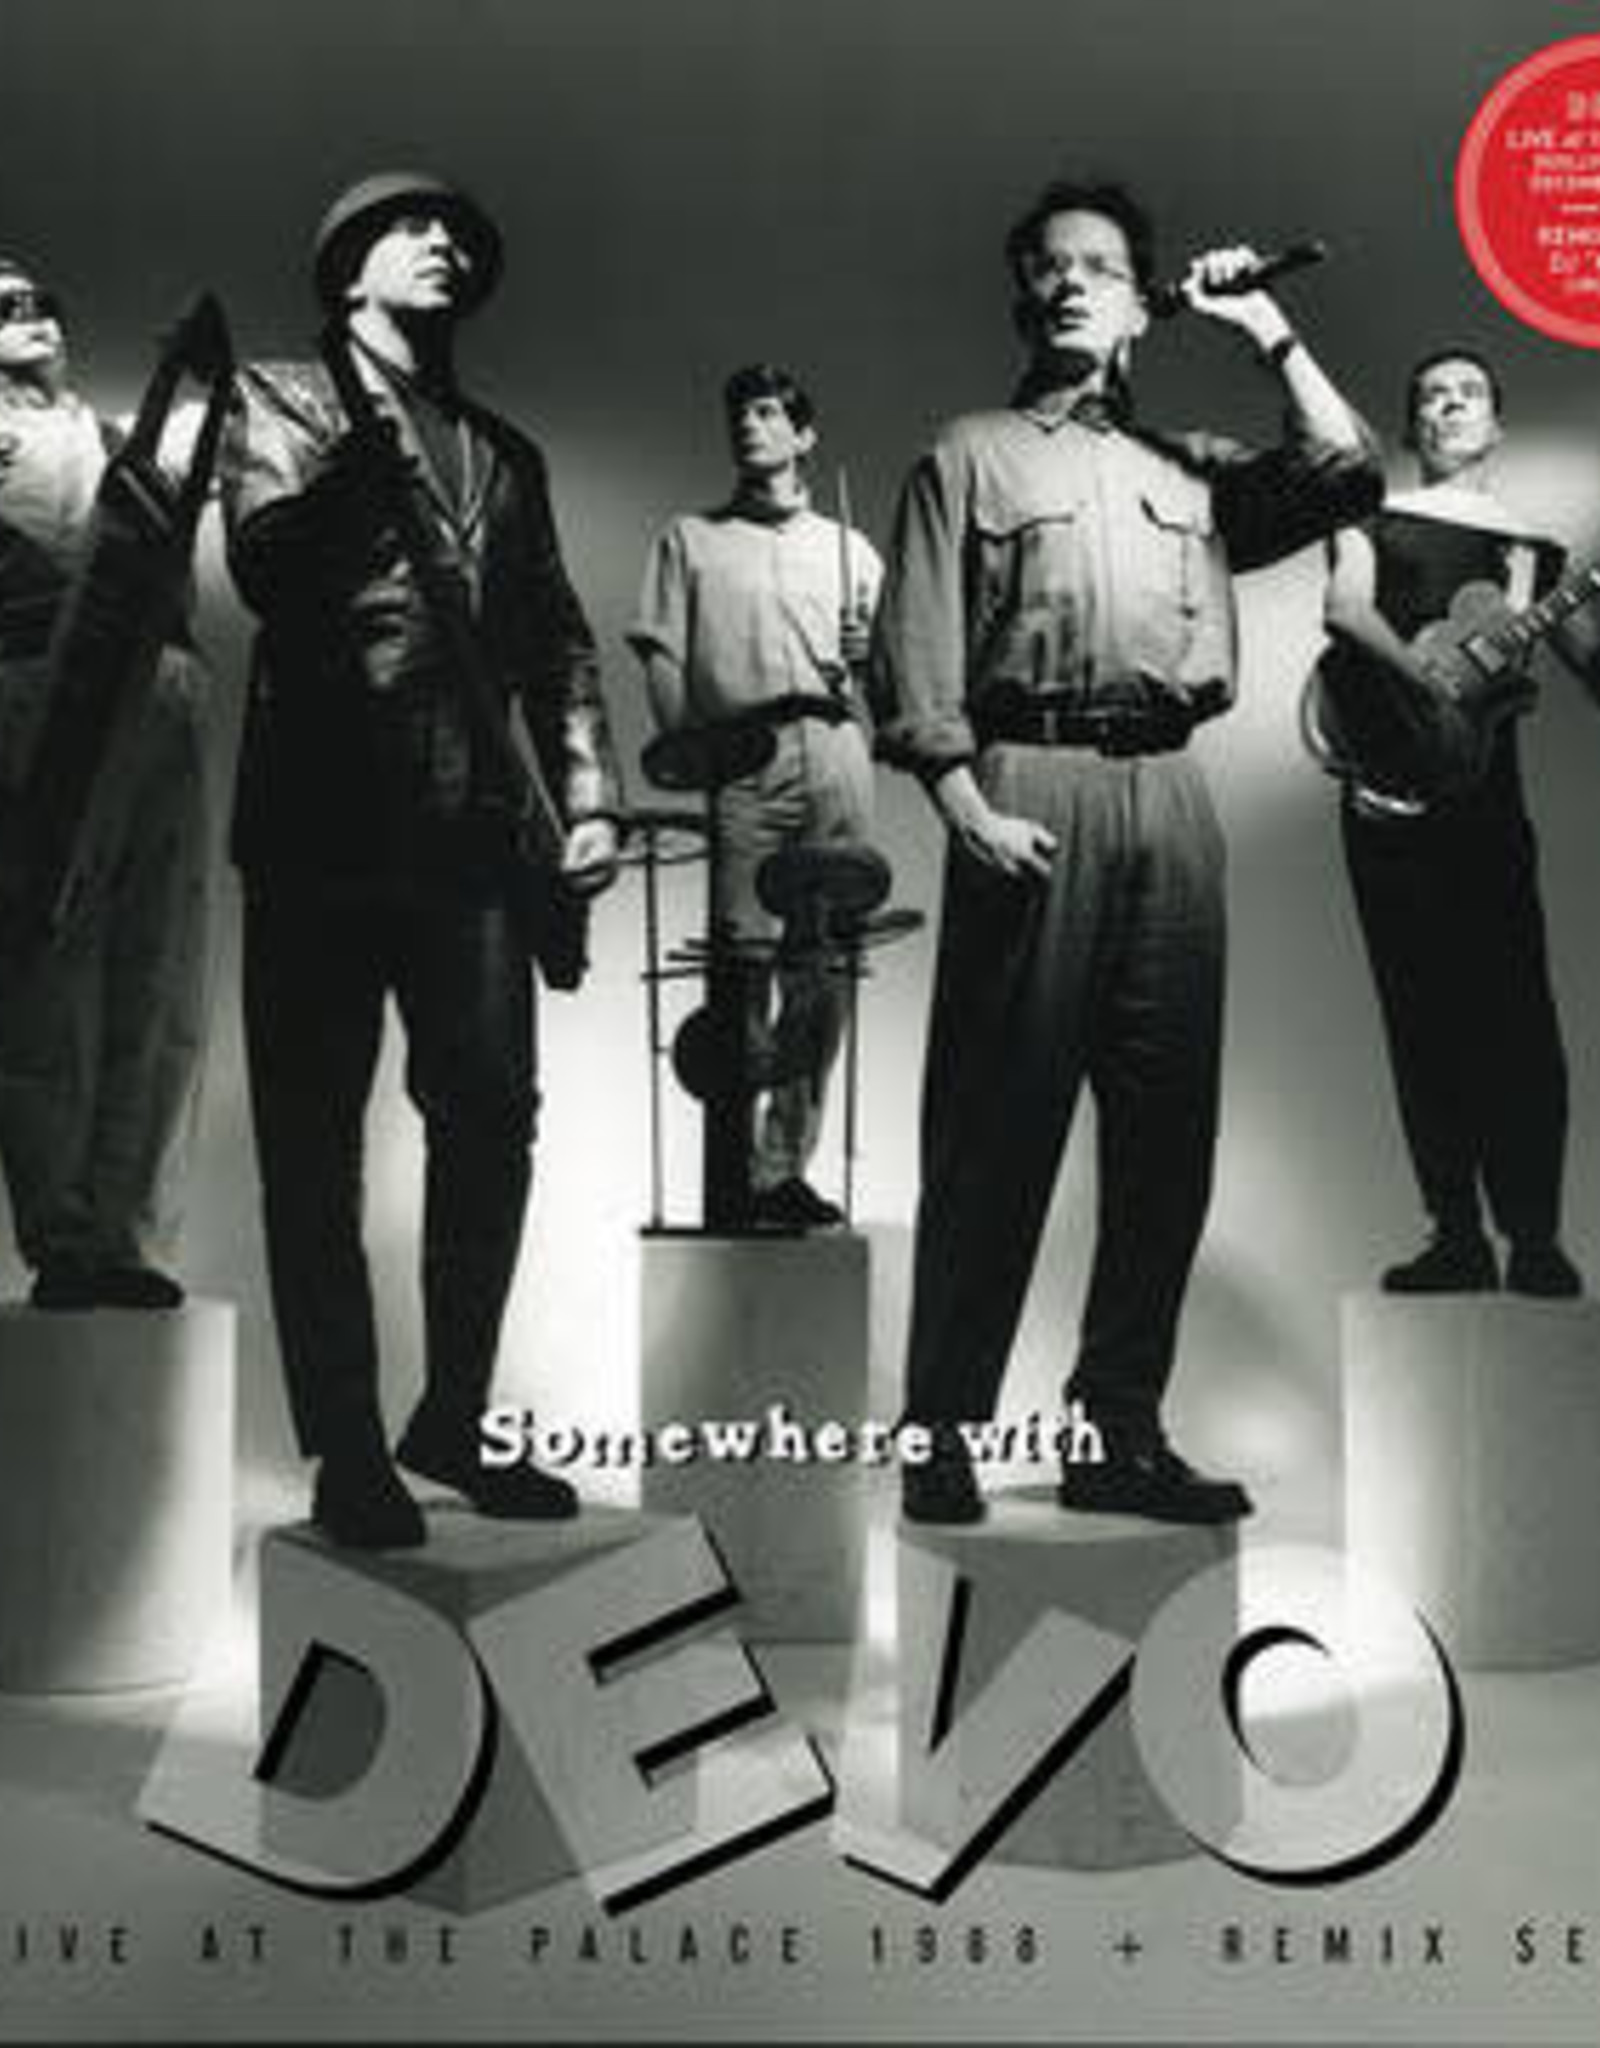 Devo - Somewhere With Devo (RSD 6/21)